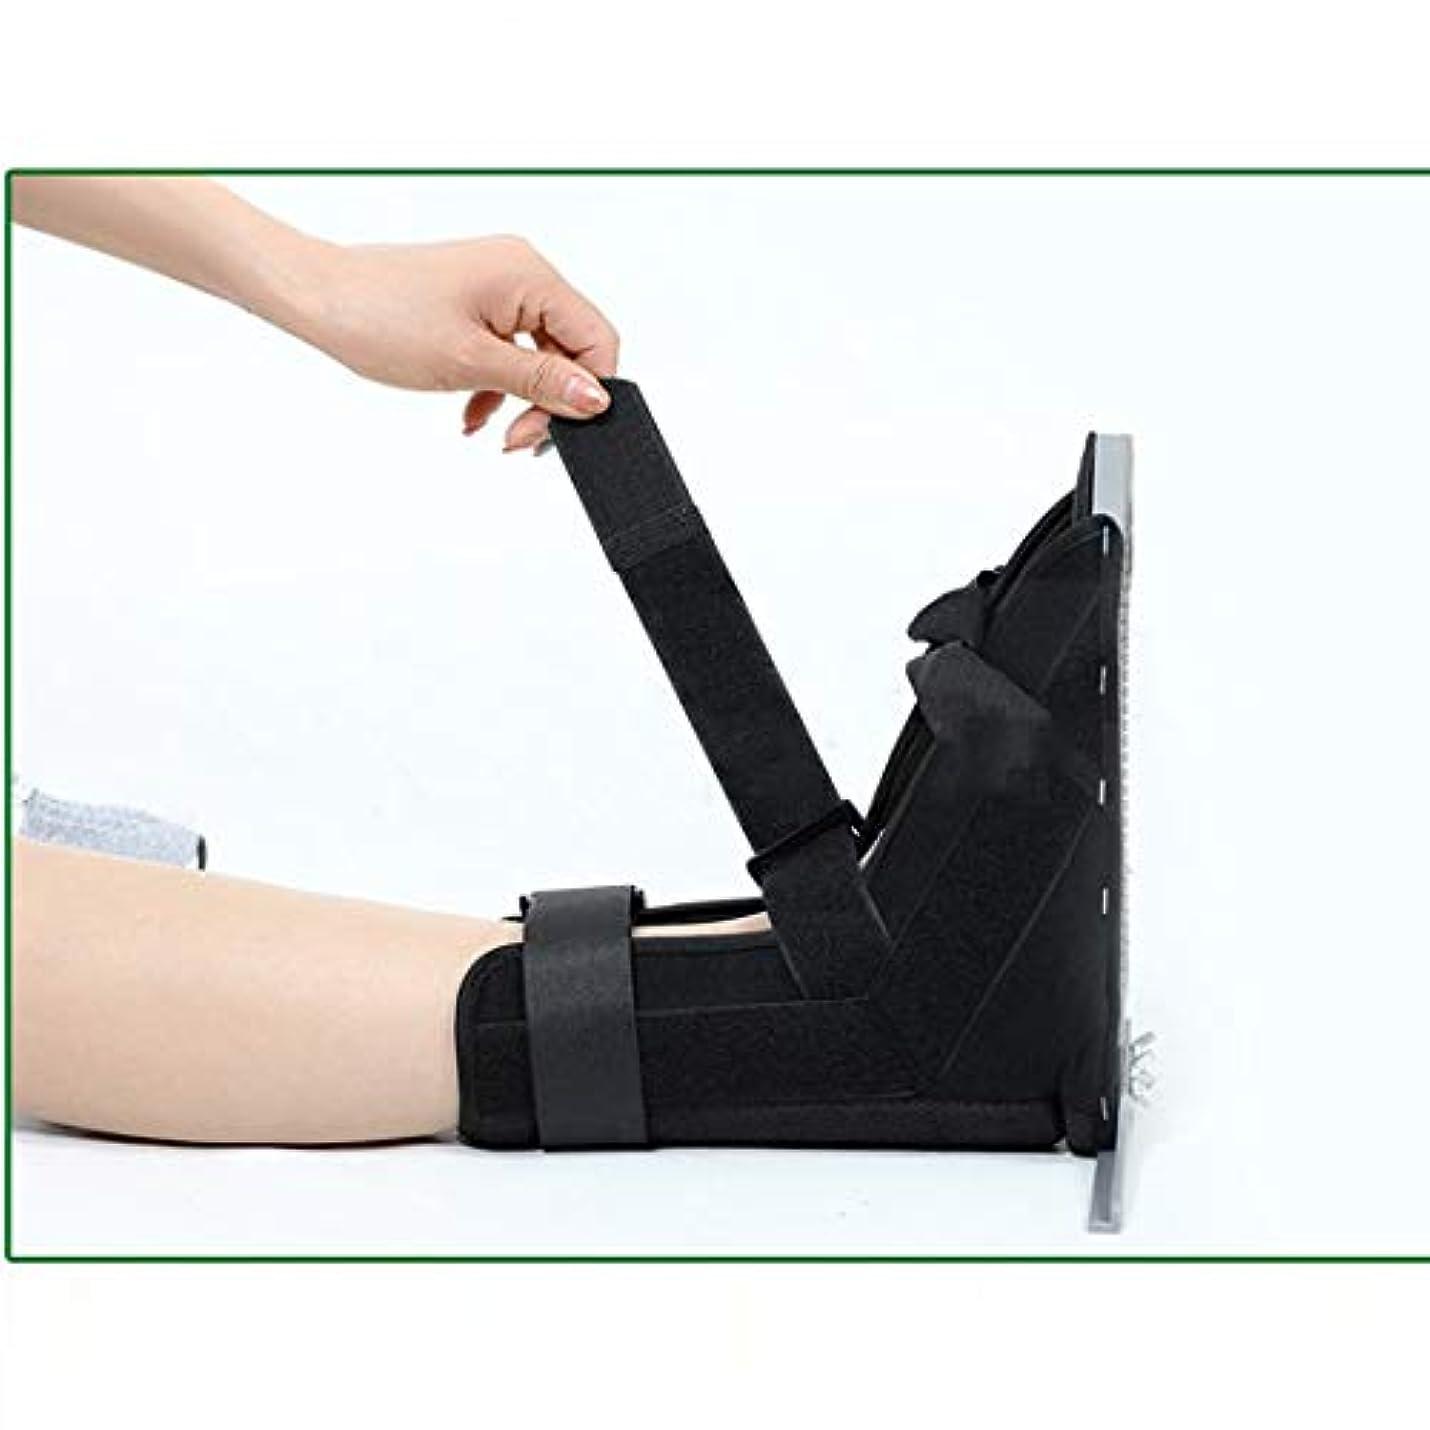 クラウン始めるリム医療足骨折石膏の回復靴の手術後のつま先の靴を安定化骨折の靴を調整可能なファスナーで完全なカバー,L